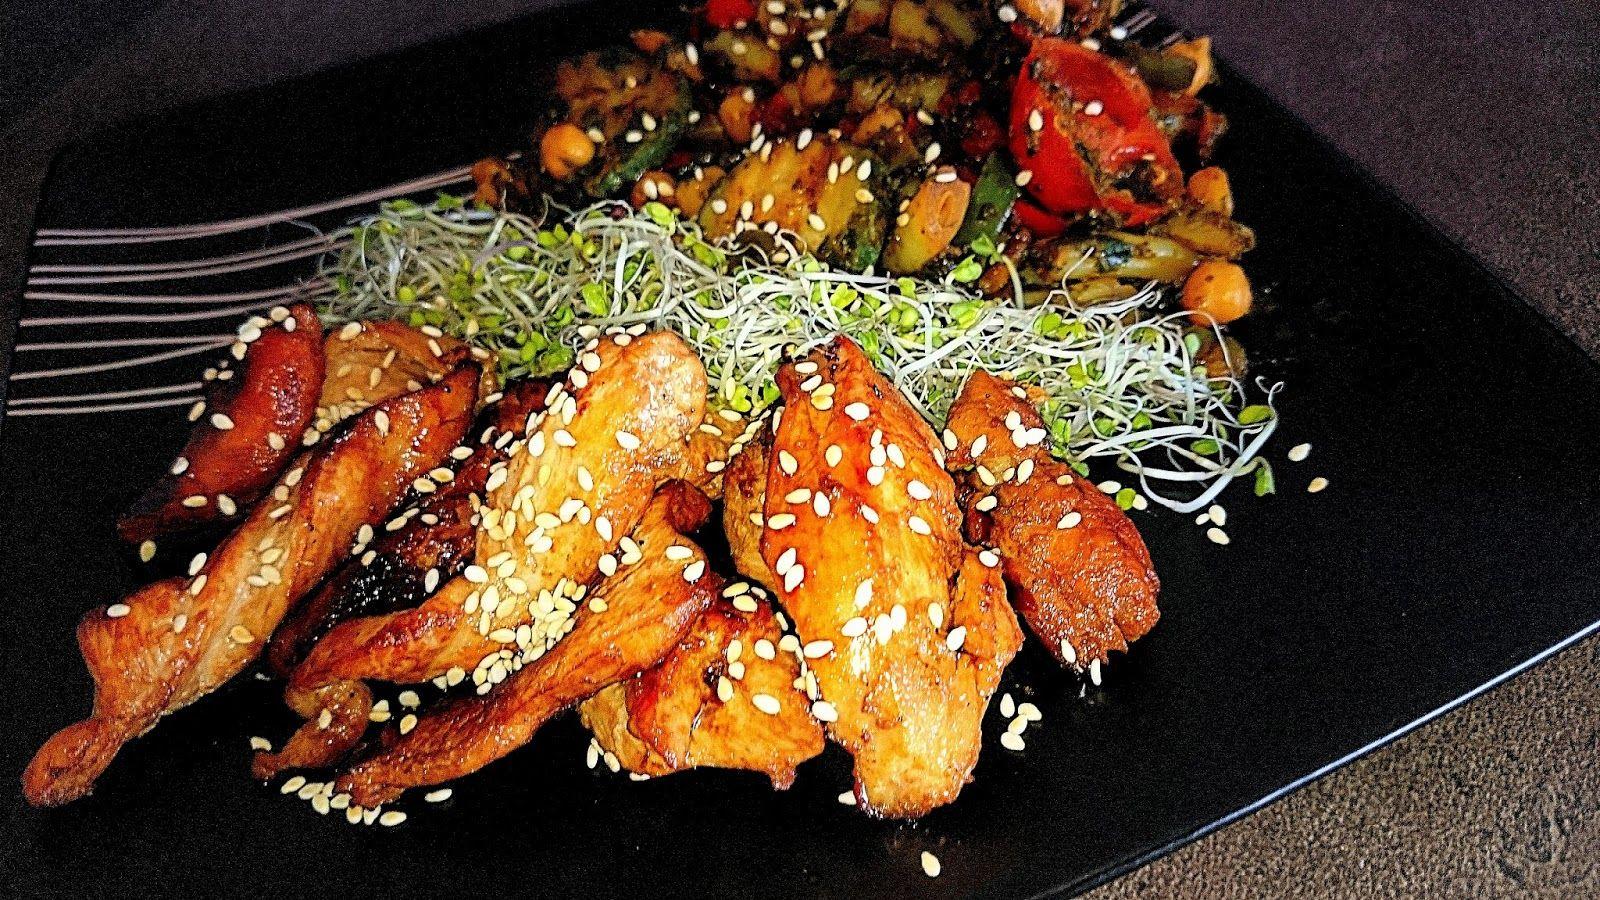 Azjatyckie Produkty Znow W Biedronce Jak Nie Skorzystac Tym Razem Do Sosu Rybnego Ktory Na Stale Zagoscil W Mojej Lodowce O Sojowy Food Cooking Chicken